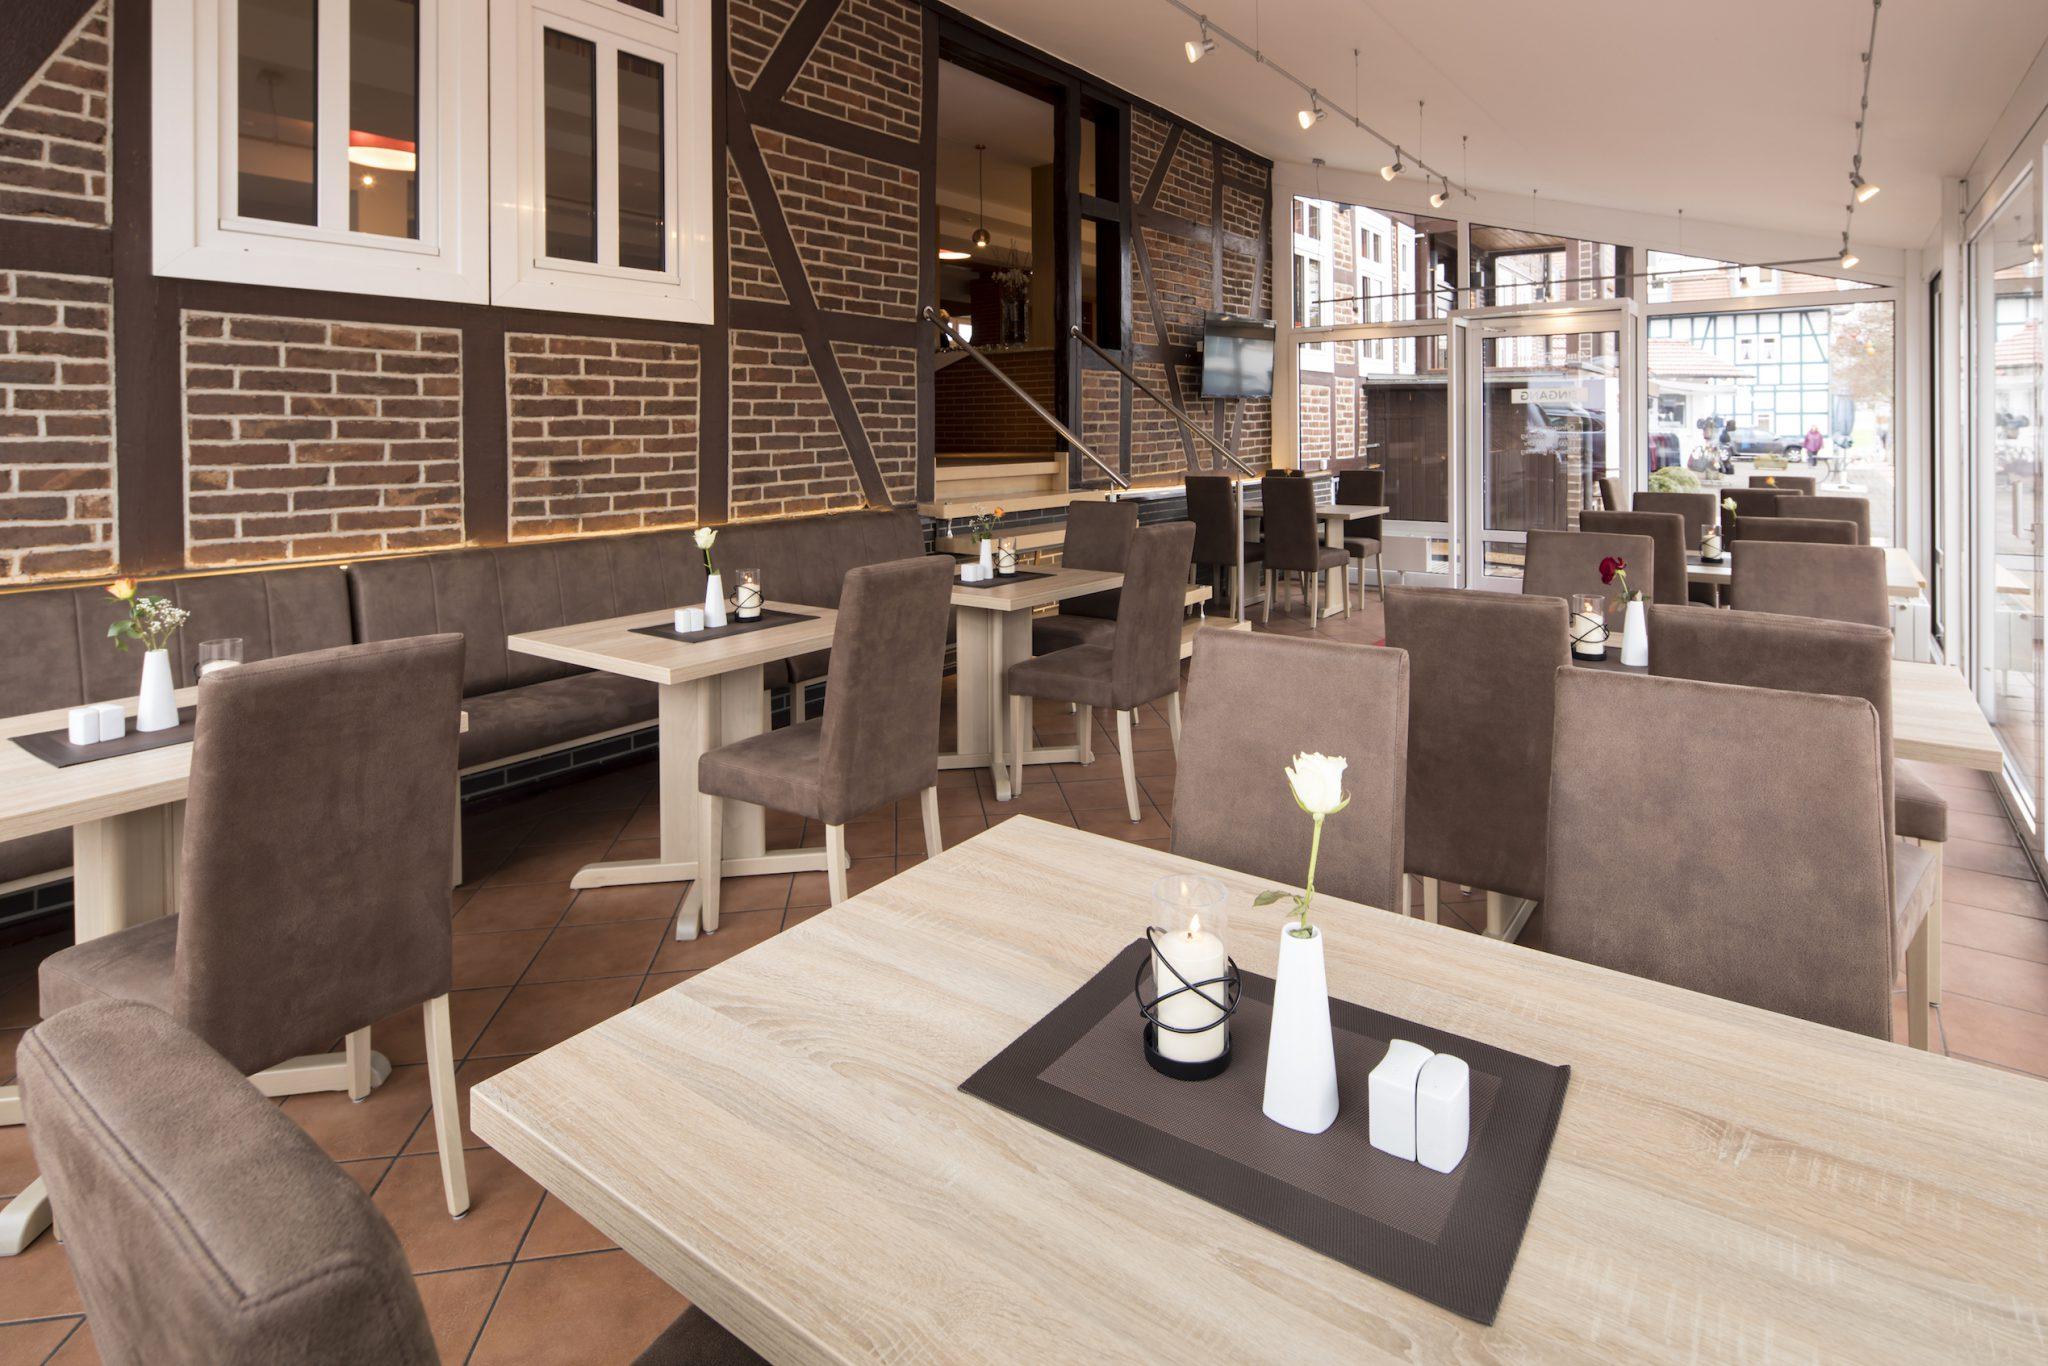 Tischreservierung für Gäste aus Waldeck und Umgebung geht bei Restaurant Zimmermanns